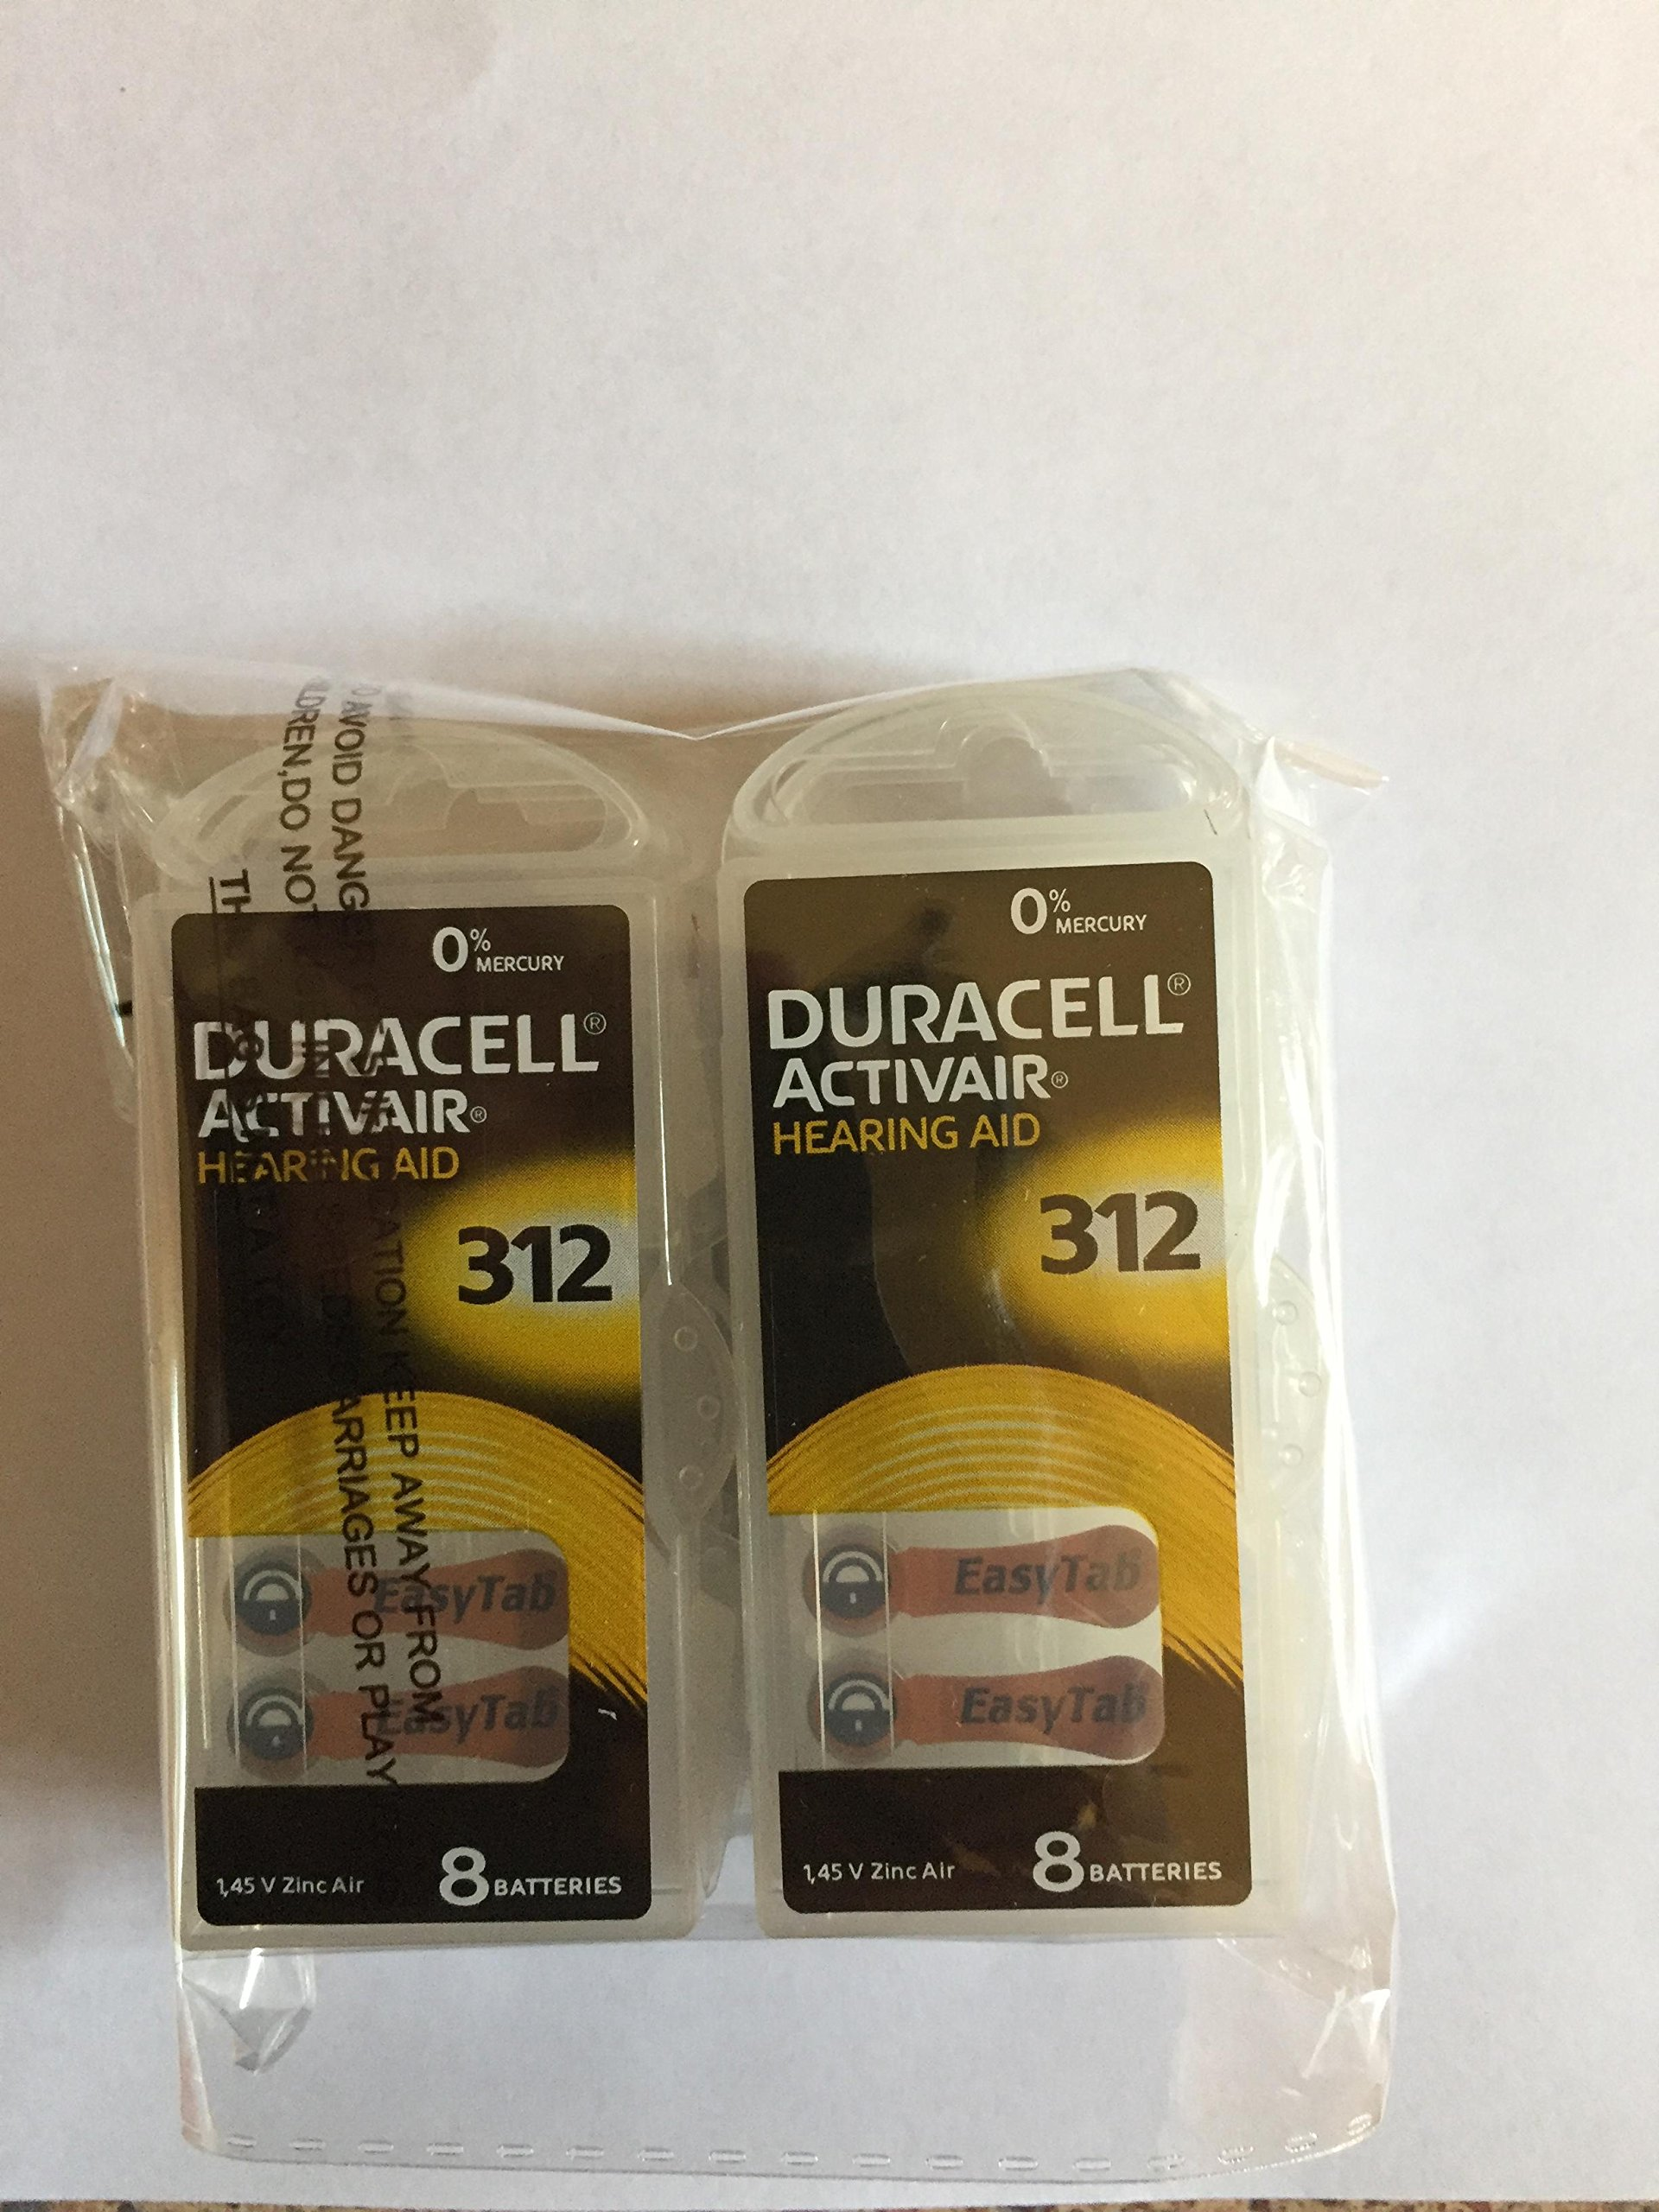 48 X Size 312 Duracell Activair (Da312) Easy Tab Hearing Aid Batteries